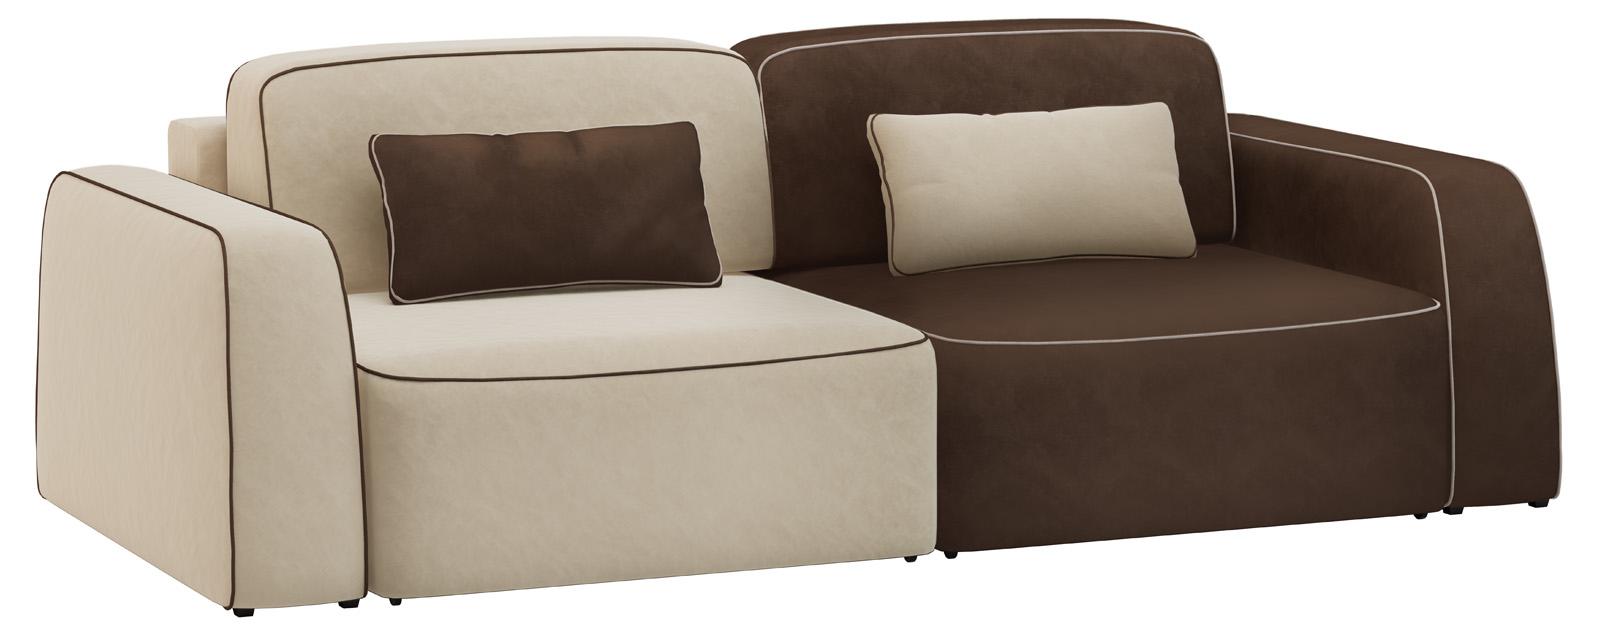 Модульный диван Портленд 200 см Вариант №2 Velure бежевый/темно-коричневый (Велюр)